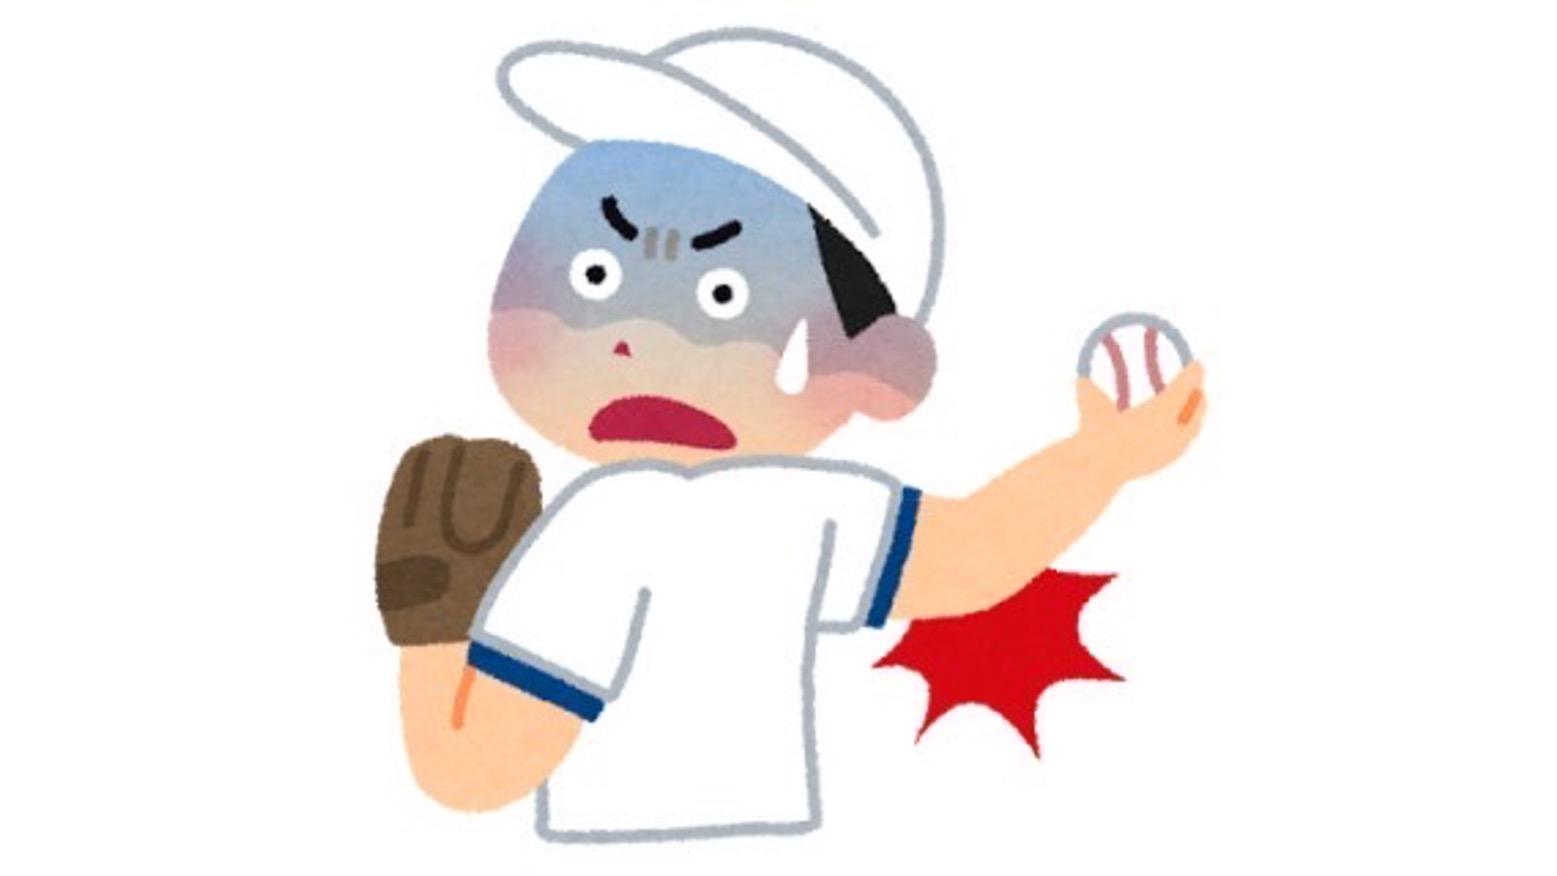 野球肘①〜痛みを感じたときの対処法〜 | ベースボール&スポーツクリニック ブログ